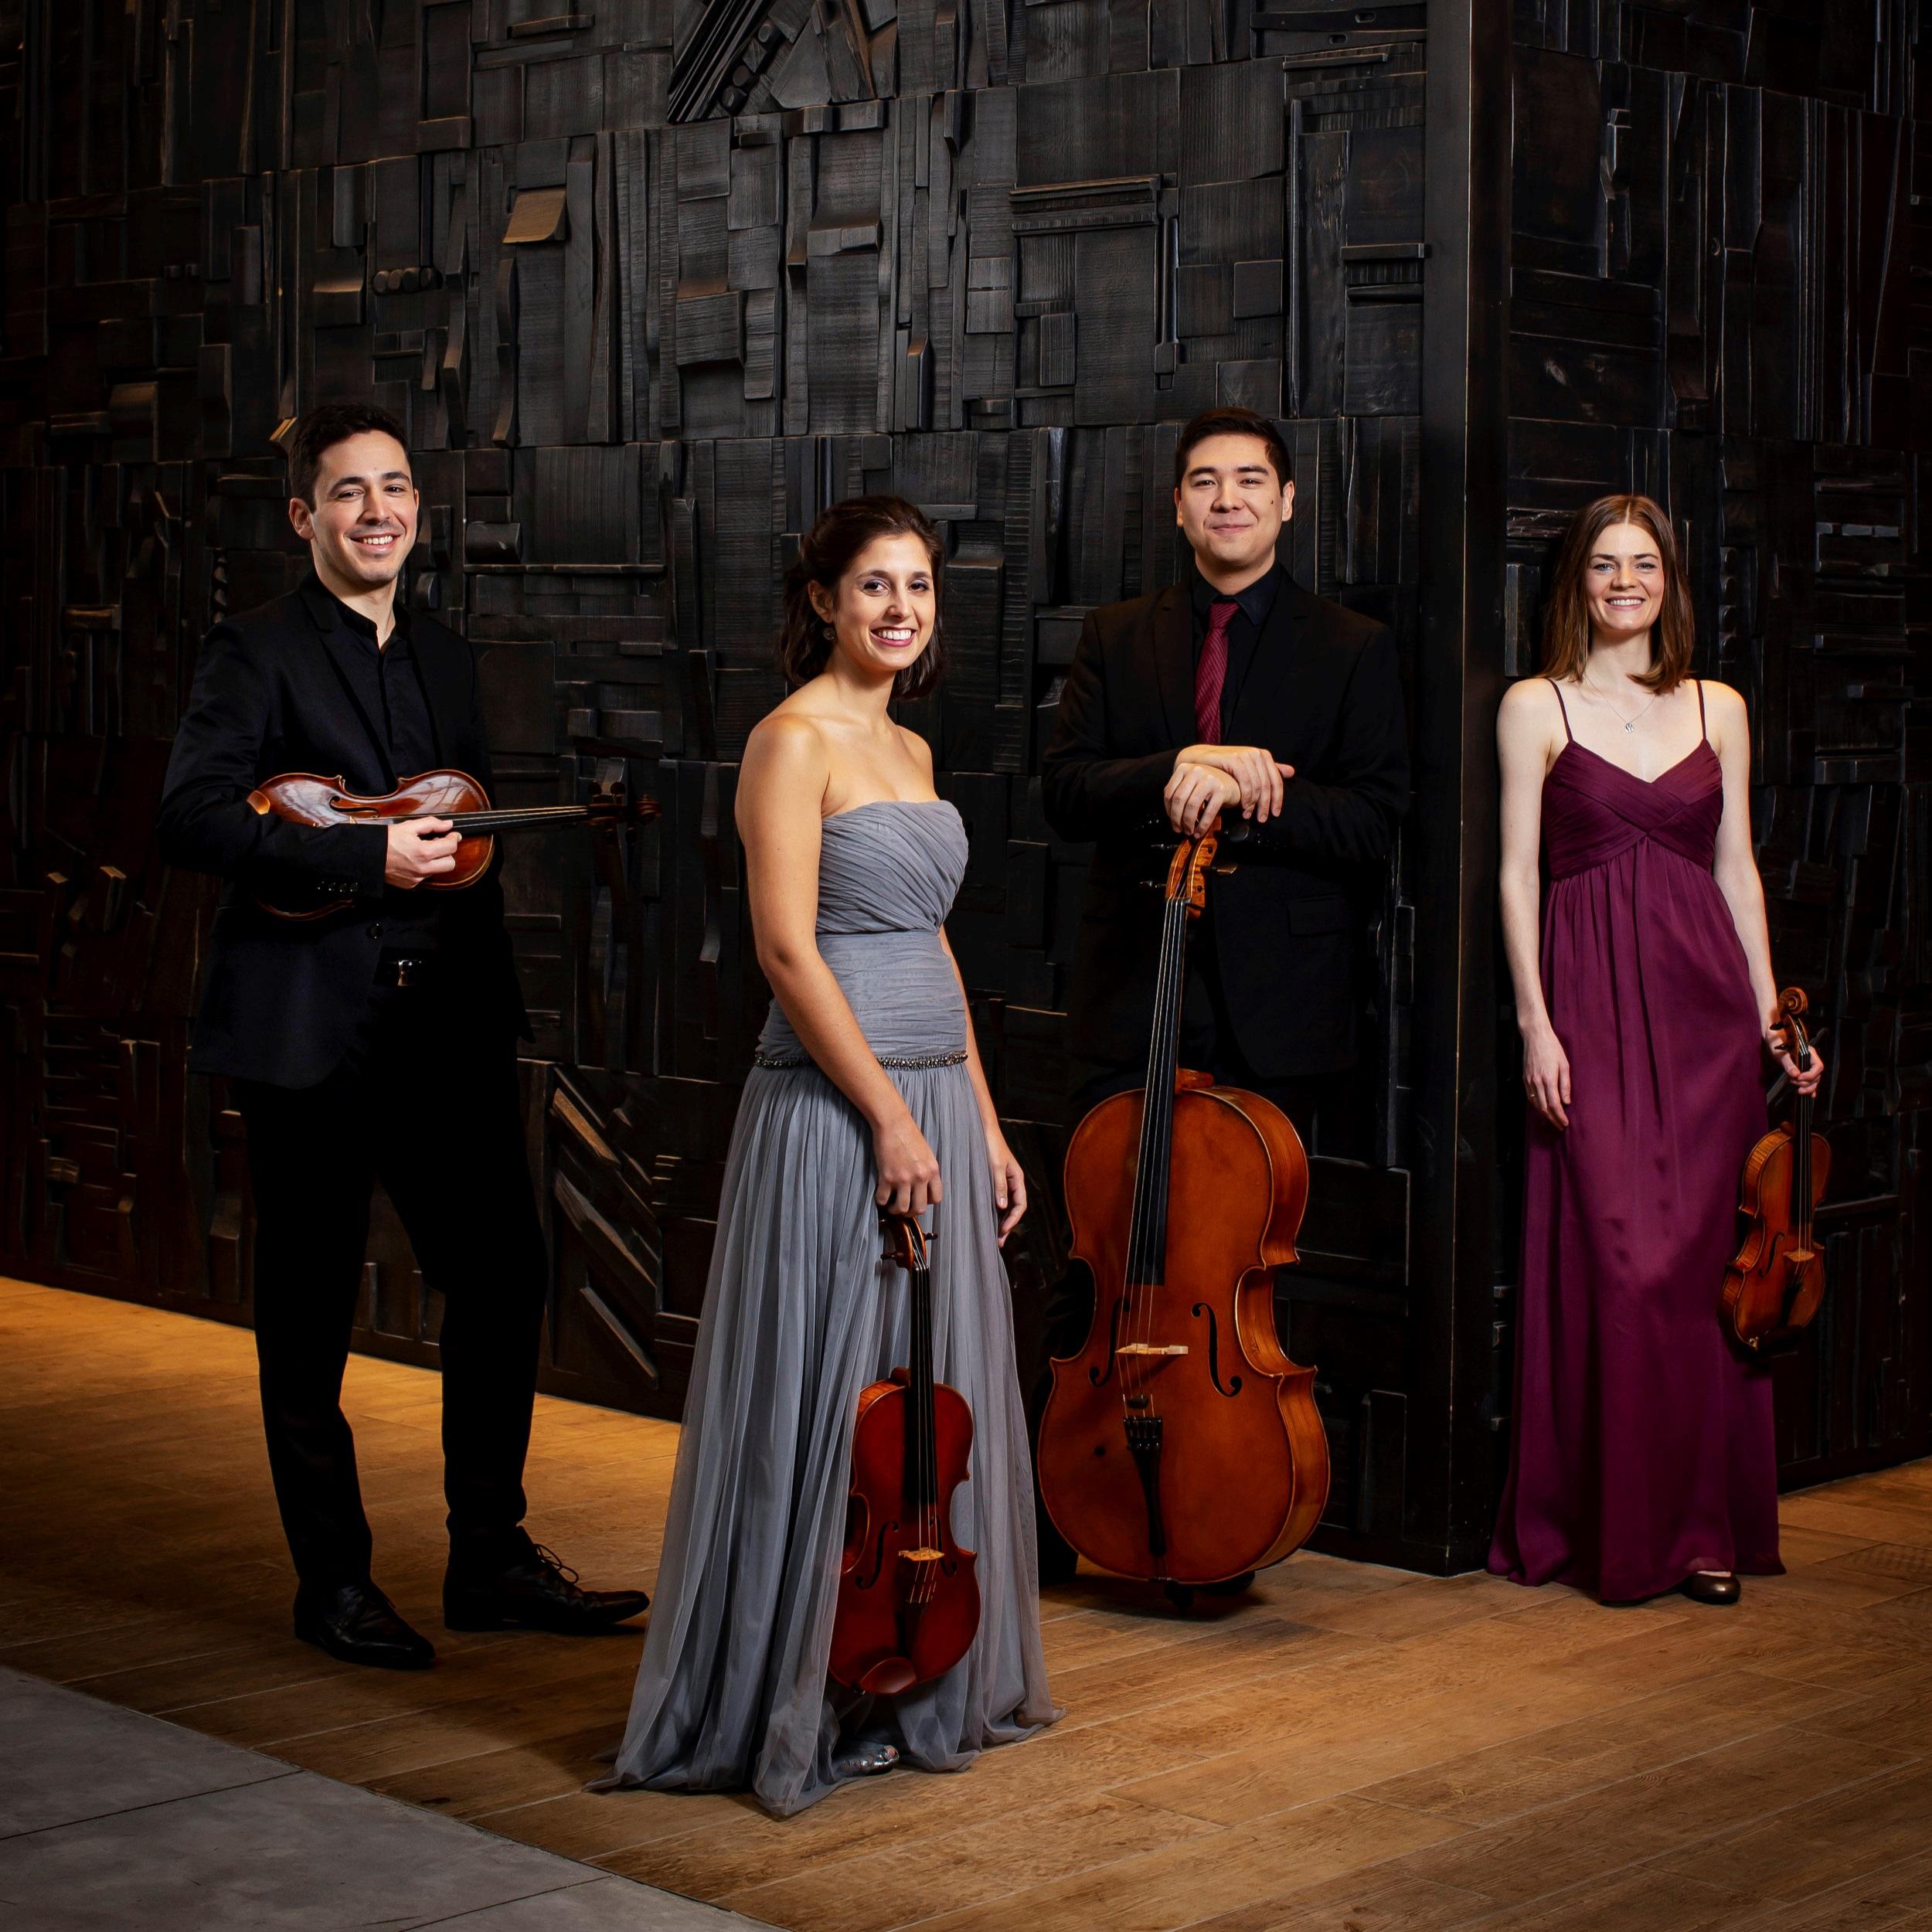 Vera+Quartet+2.jpg